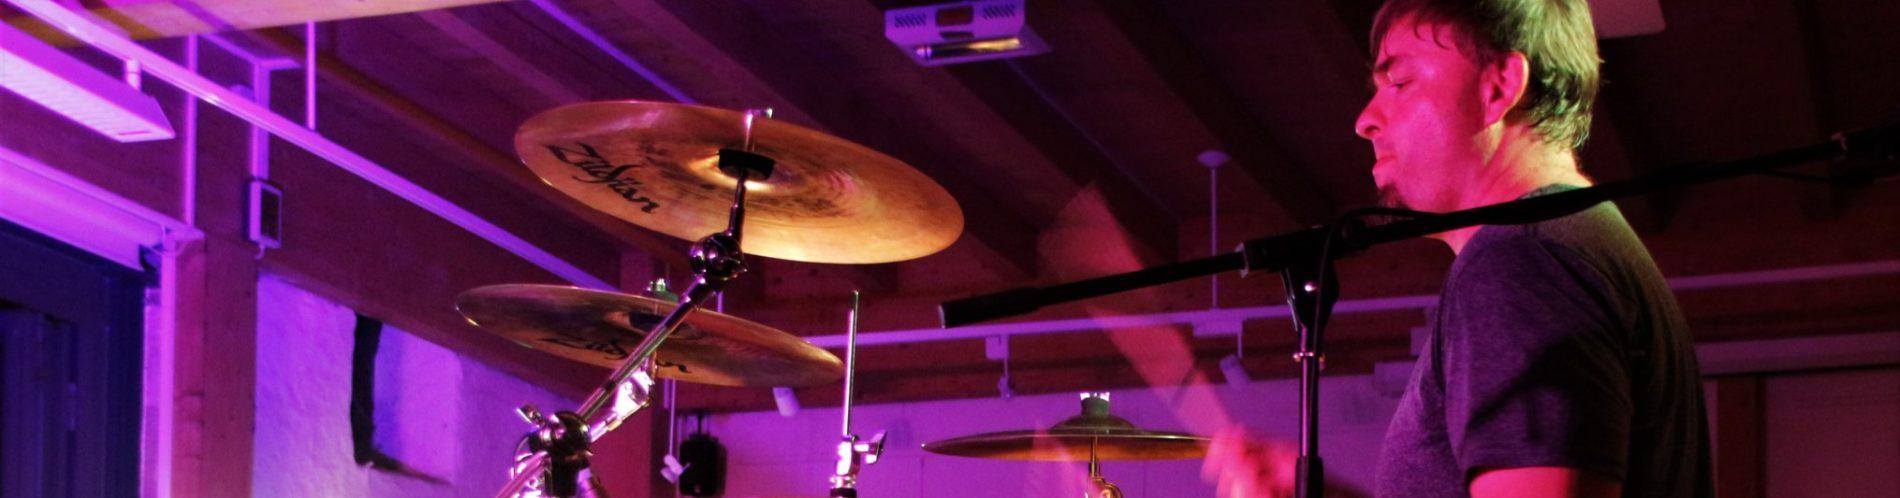 Verein zur Pflege der Live-Musik e.V.